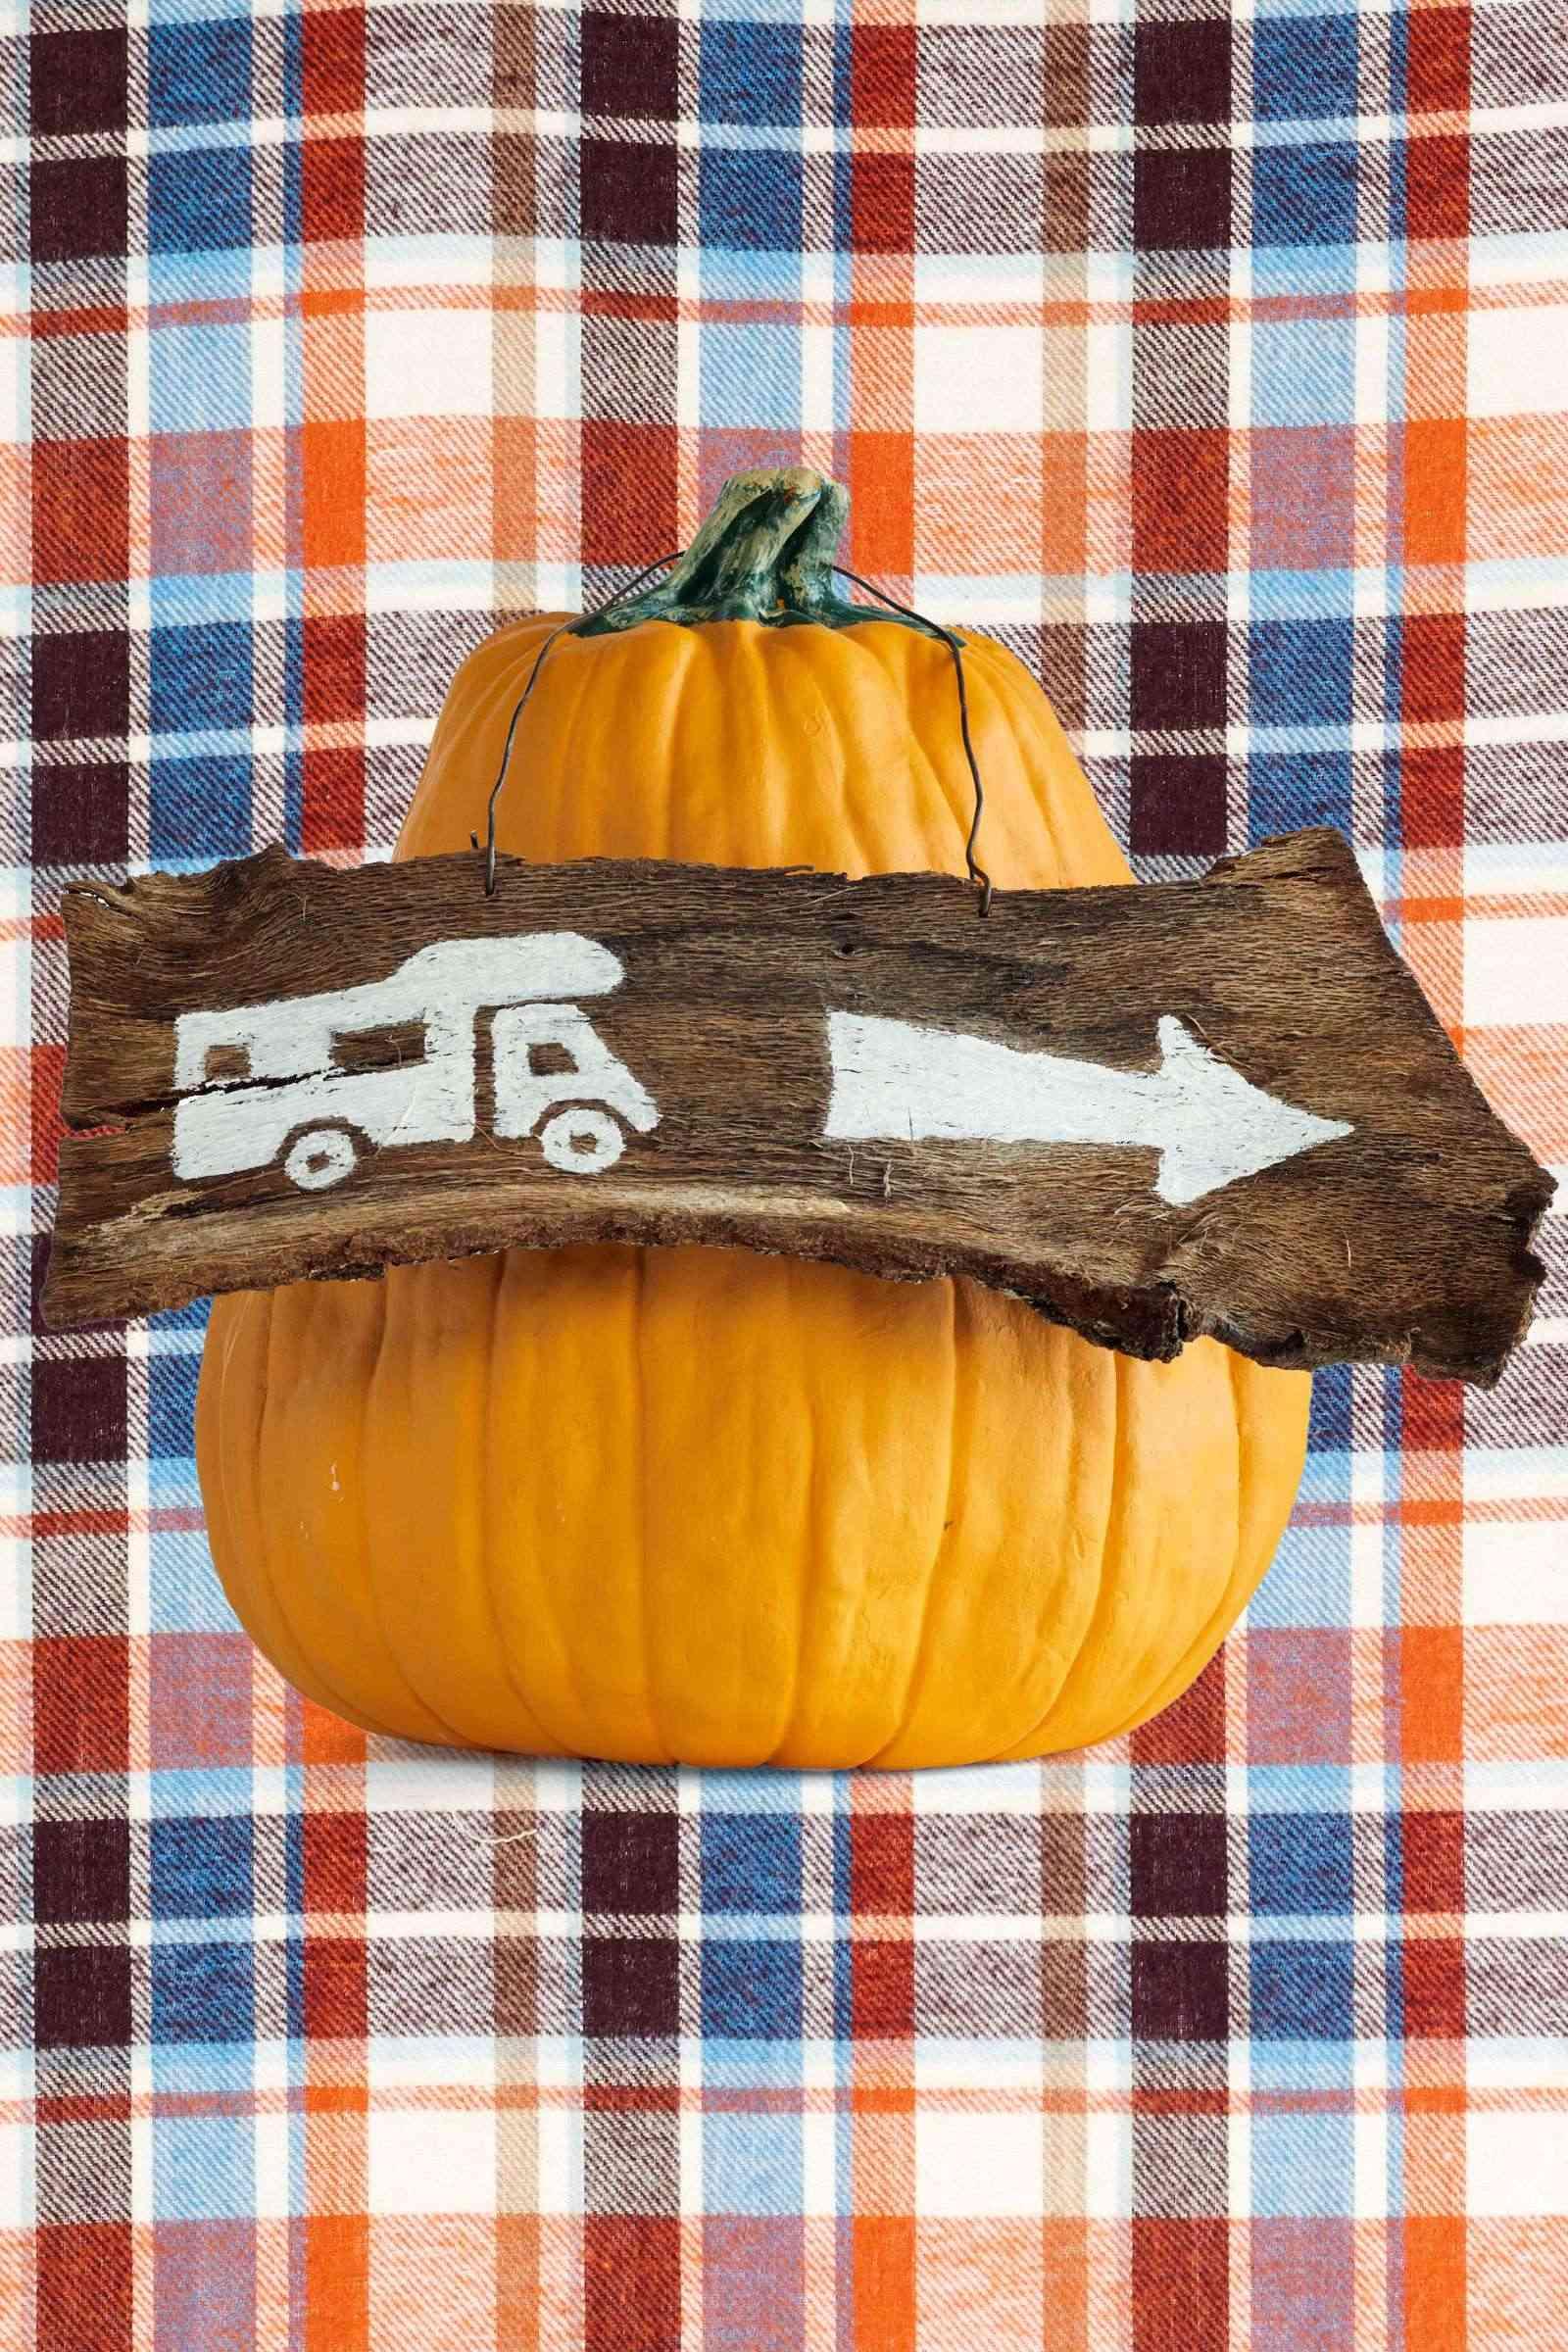 Calabazas en tu decoracion de Halloween - a cuadros